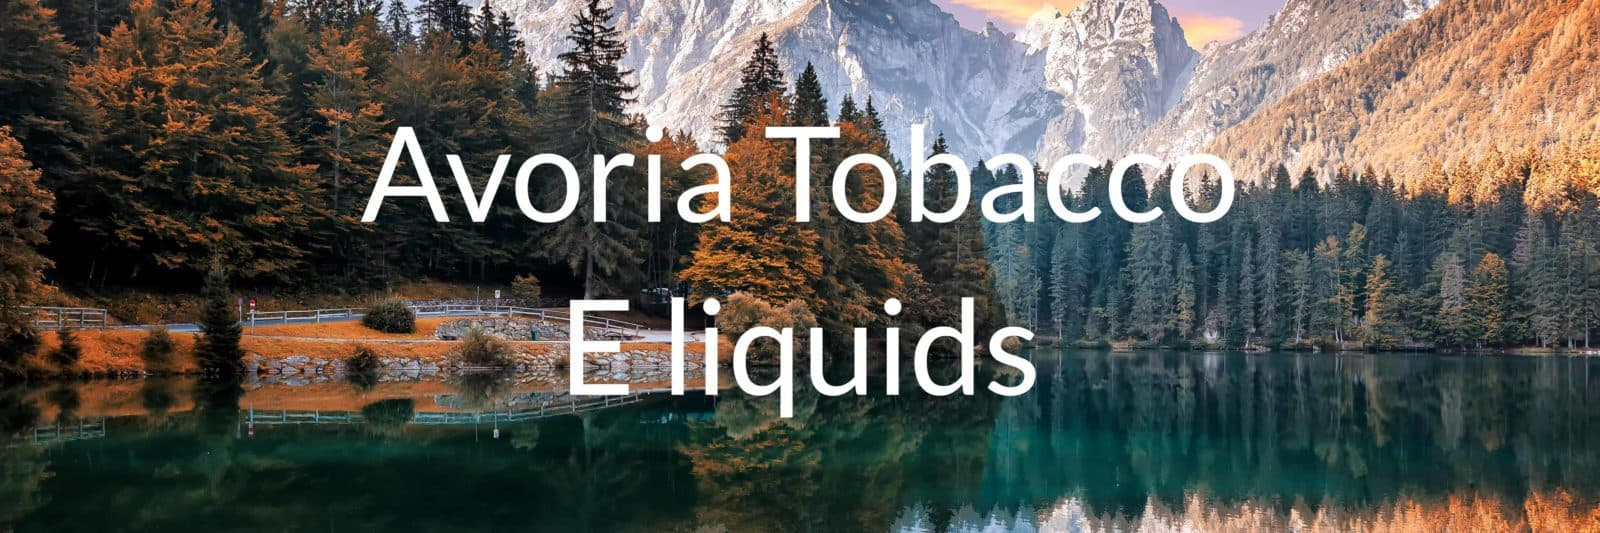 Avoria tobacco e liquids